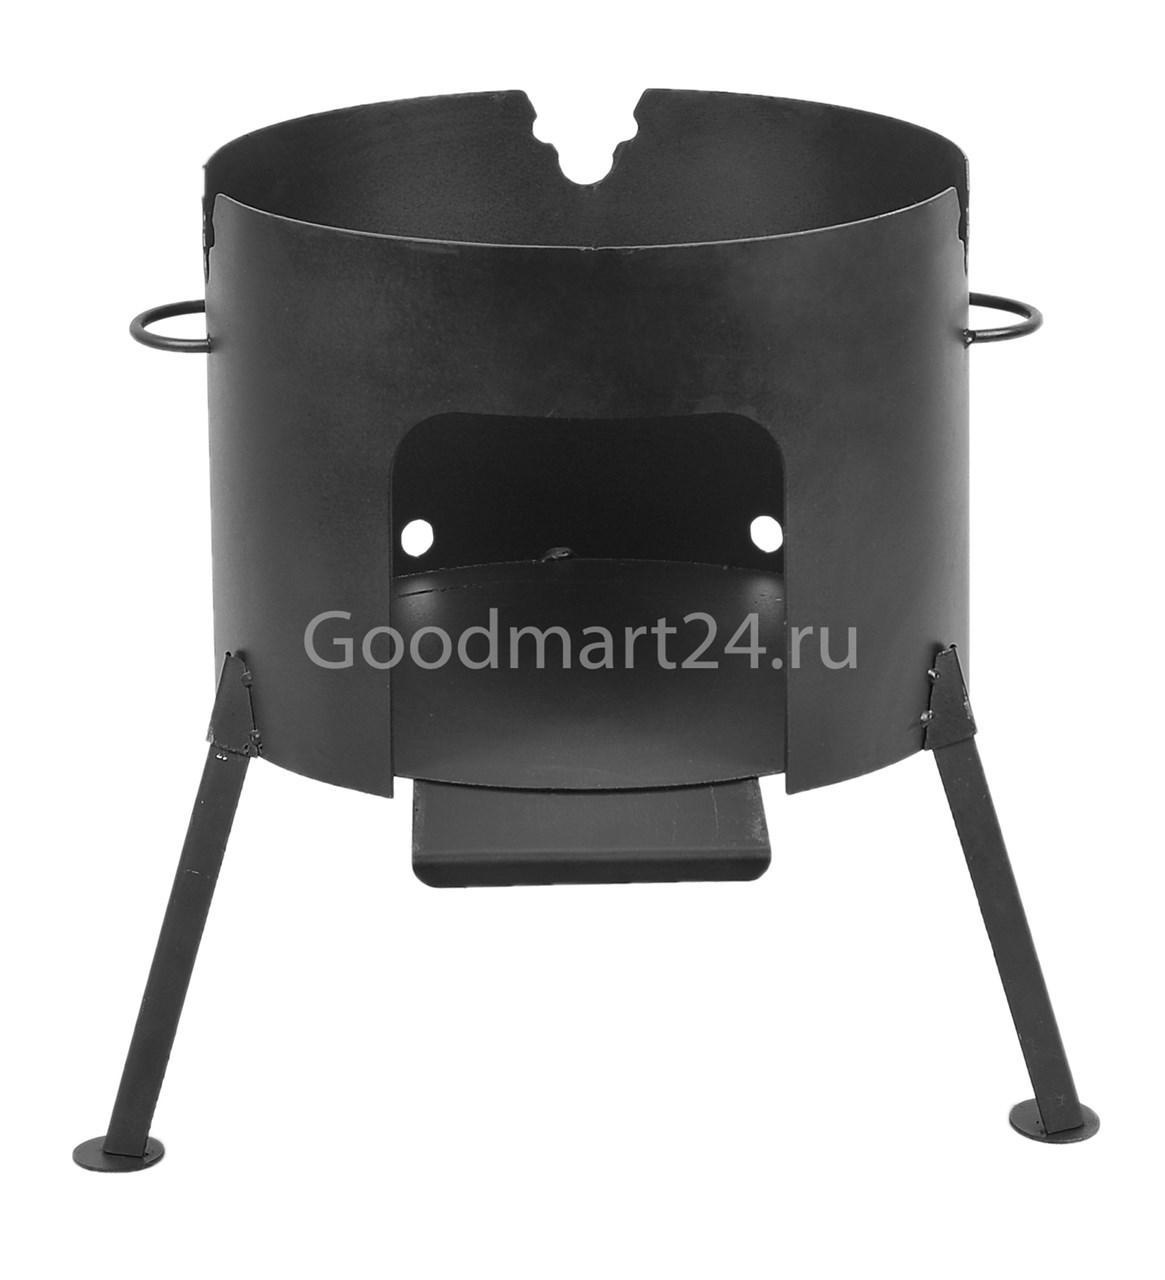 Печь под казан на 8-10 л. D-340 мм. сталь 2 мм.